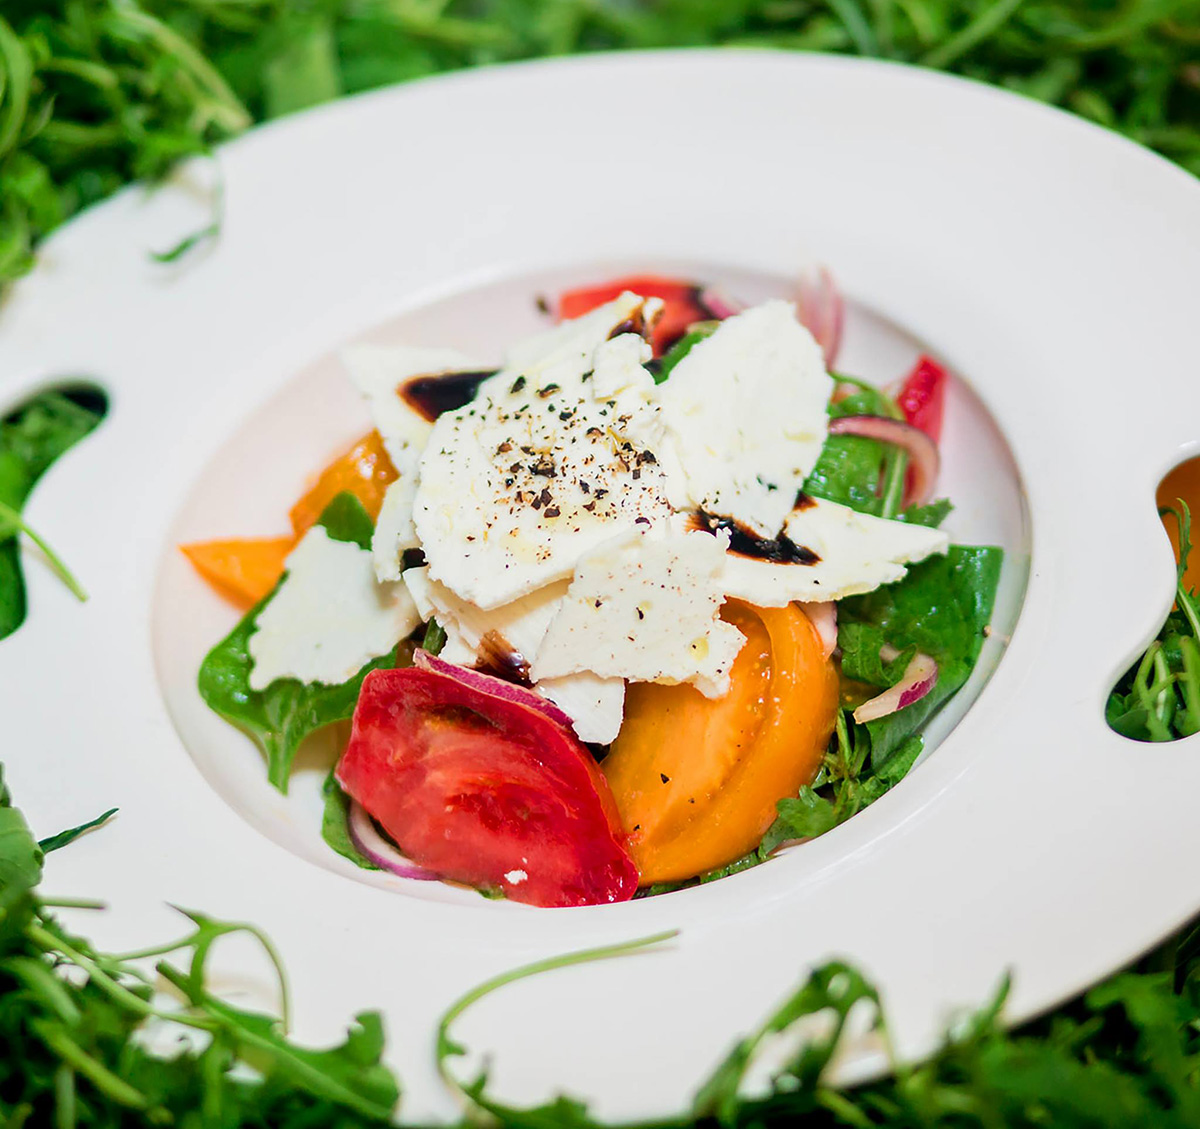 Сейчас на каждом столе можно увидеть салат из помидоров микадо и овечьего сыра.